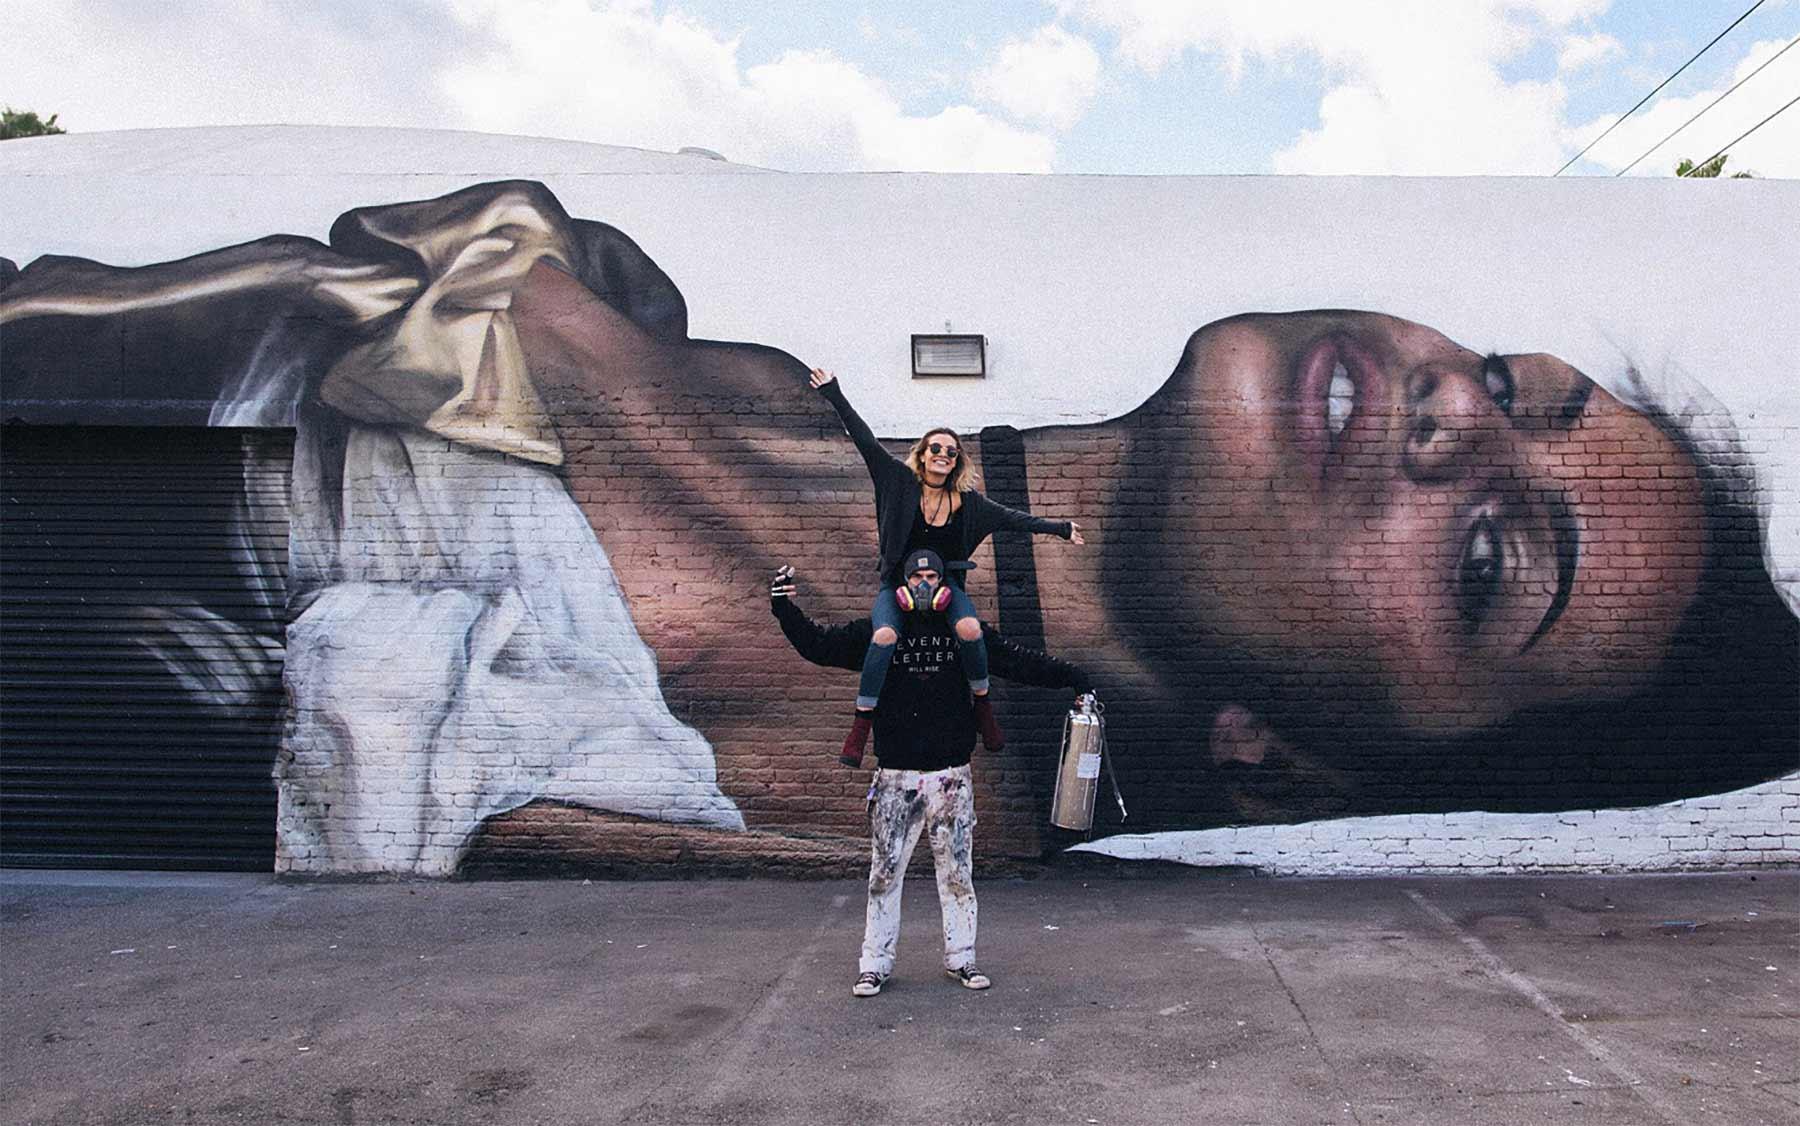 Street Art: Drew Merritt Drew-Merritt_01